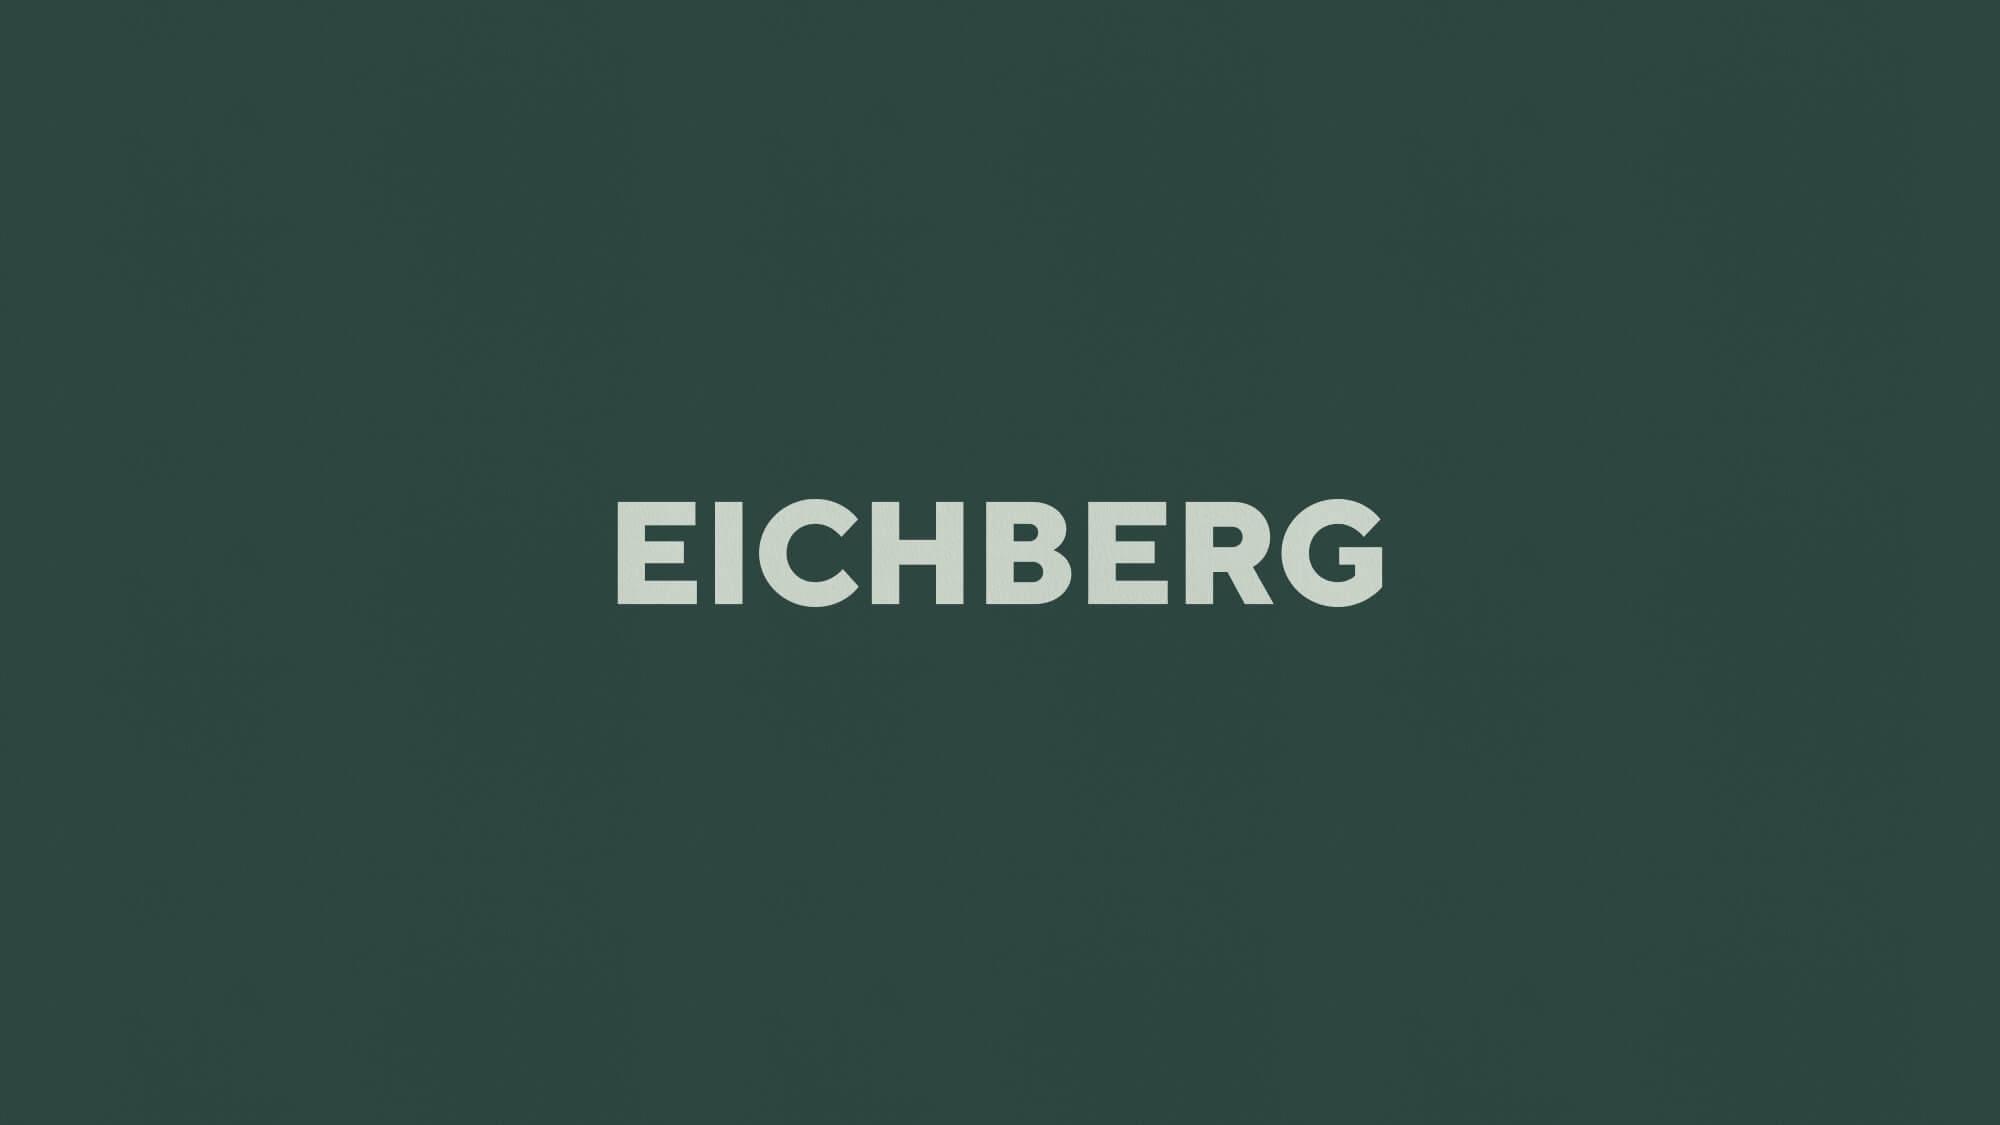 eichberg_identity_Logo_Schriftzug